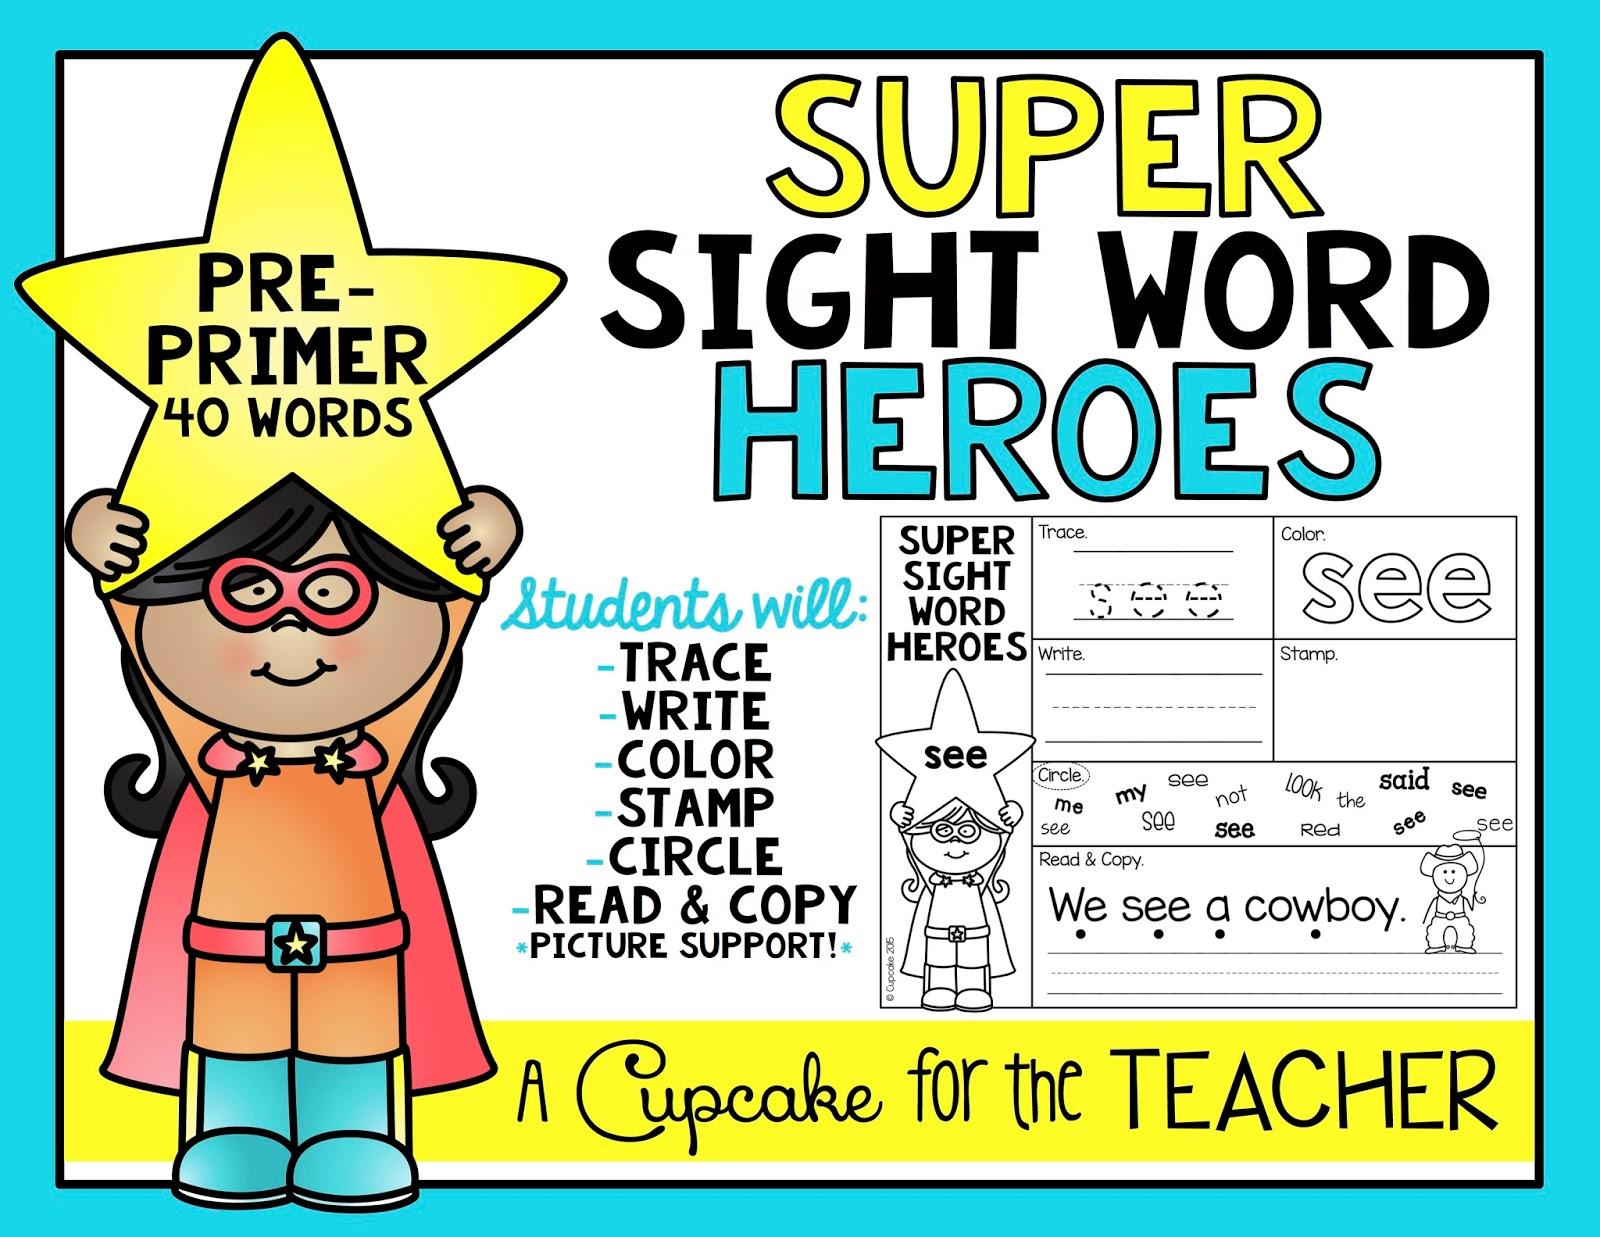 2015 - A Cupcake for the Teacher